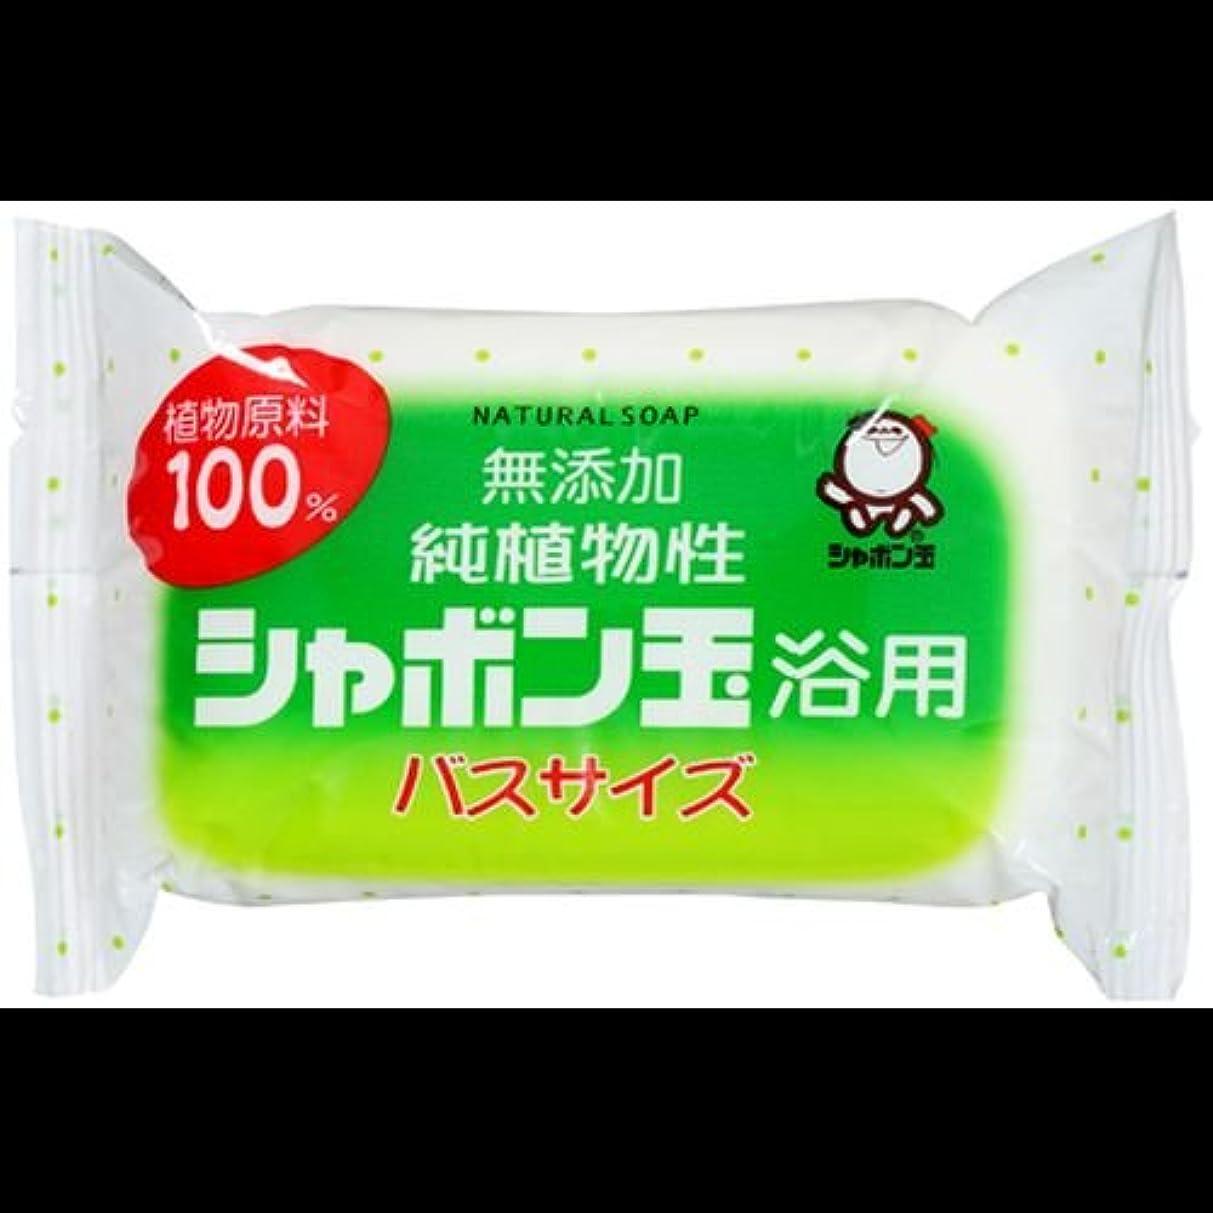 雰囲気メディア小康【まとめ買い】純植物性シャボン玉 浴用 バスサイズ155g ×2セット